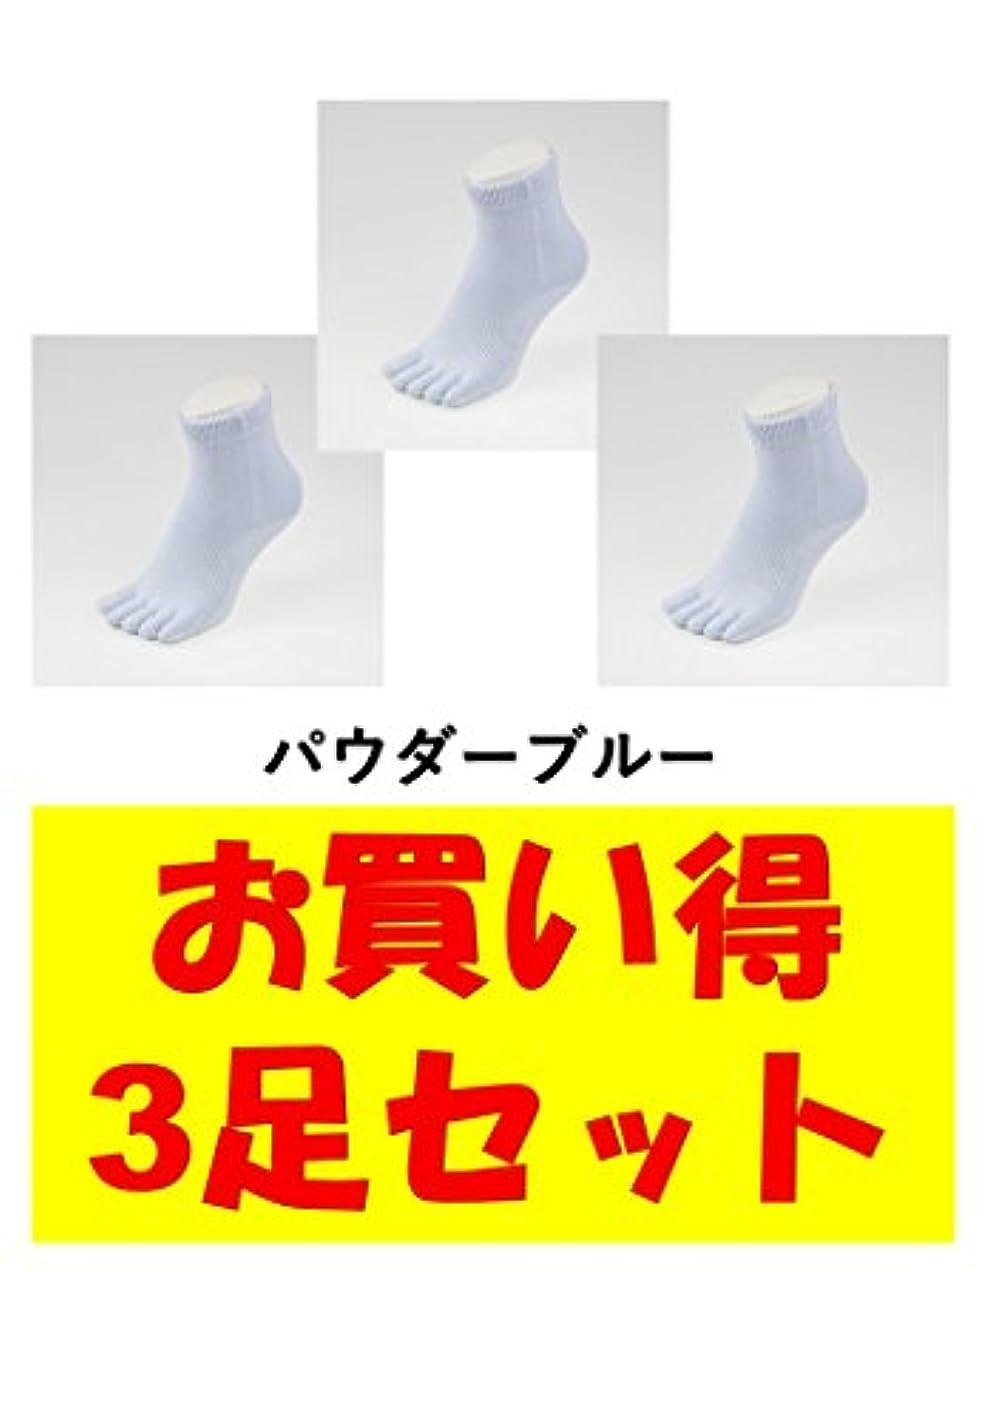 機械的梨あえてお買い得3足セット 5本指 ゆびのばソックス Neo EVE(イヴ) パウダーブルー Sサイズ(21.0cm - 24.0cm) YSNEVE-PBL